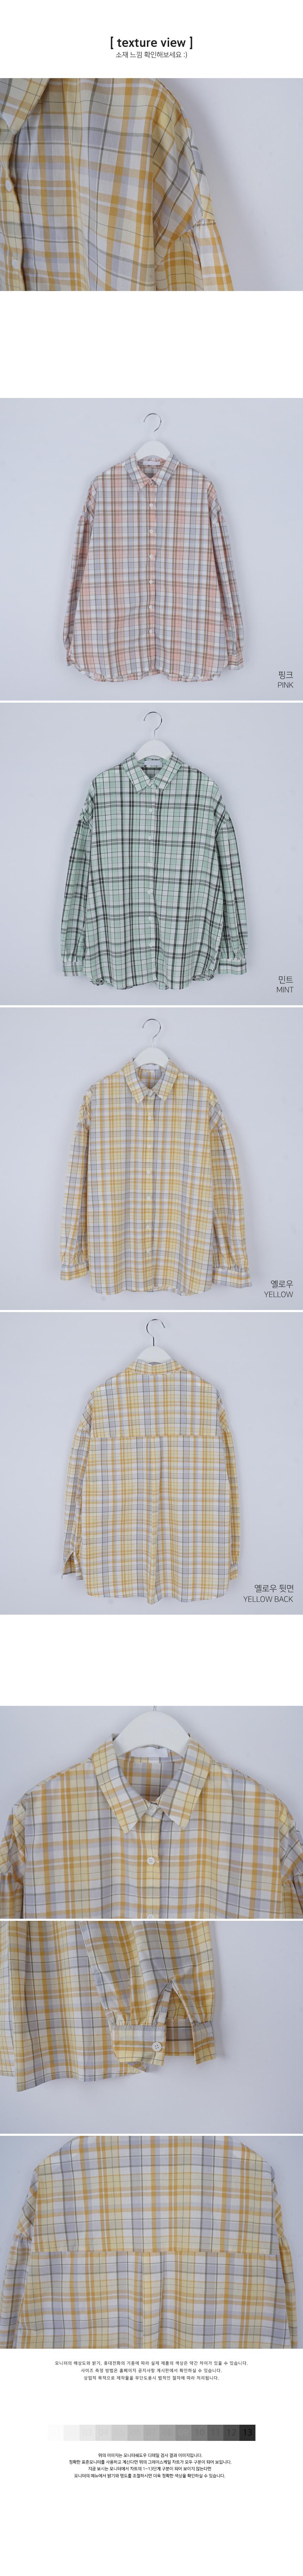 Color check shirt